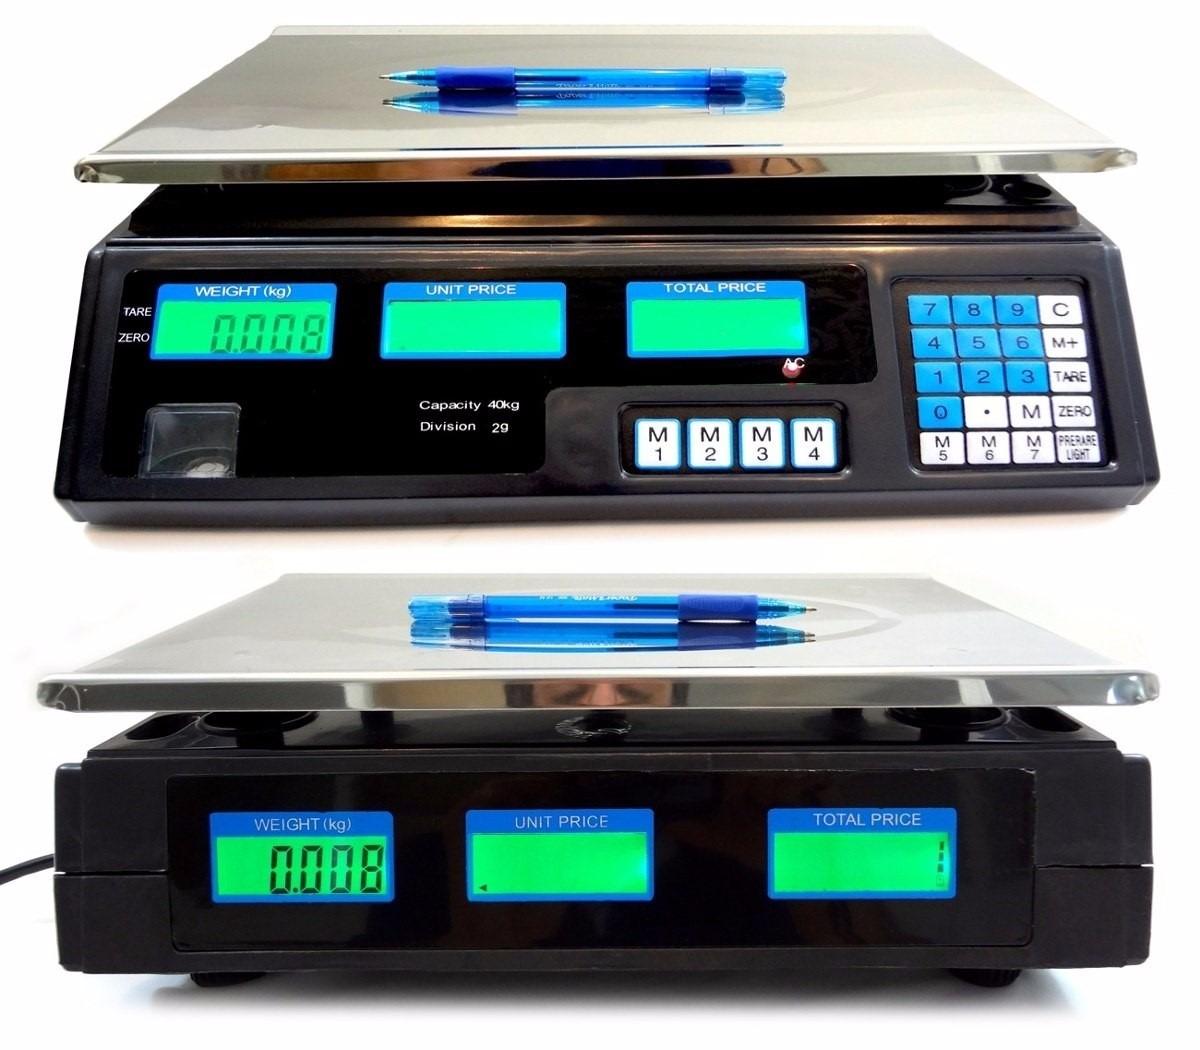 Eletronica Digital com Bateria de Alta Precisao 40kg (81489) BRASLU #04C76A 1200x1050 Balança De Banheiro Em Manaus